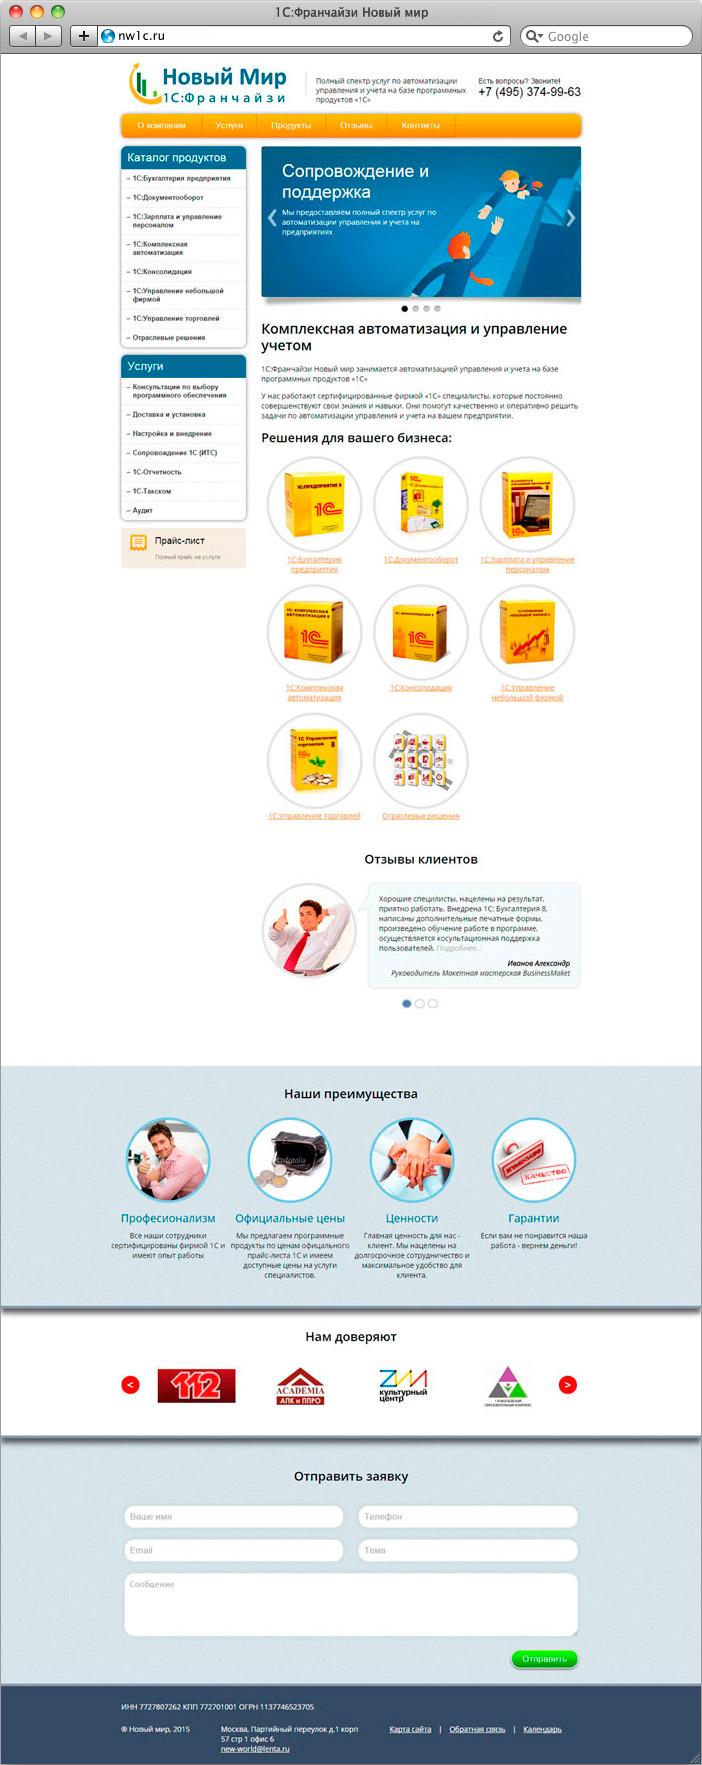 Дизайн главной страницы сайта 1С Франчайзи - Новый мир